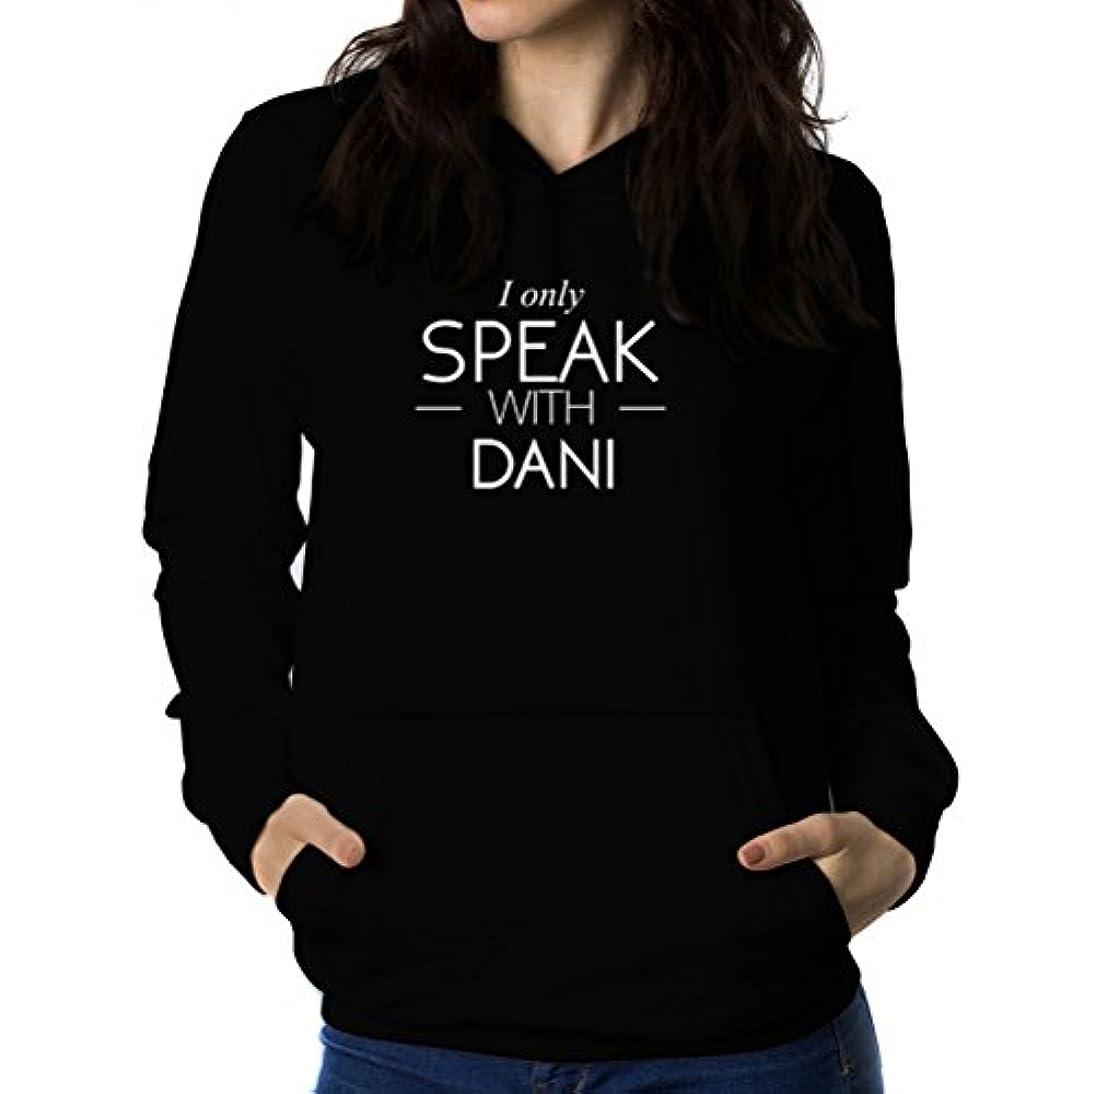 調整可能トレイルなしでI only speak with Dani 女性 フーディー